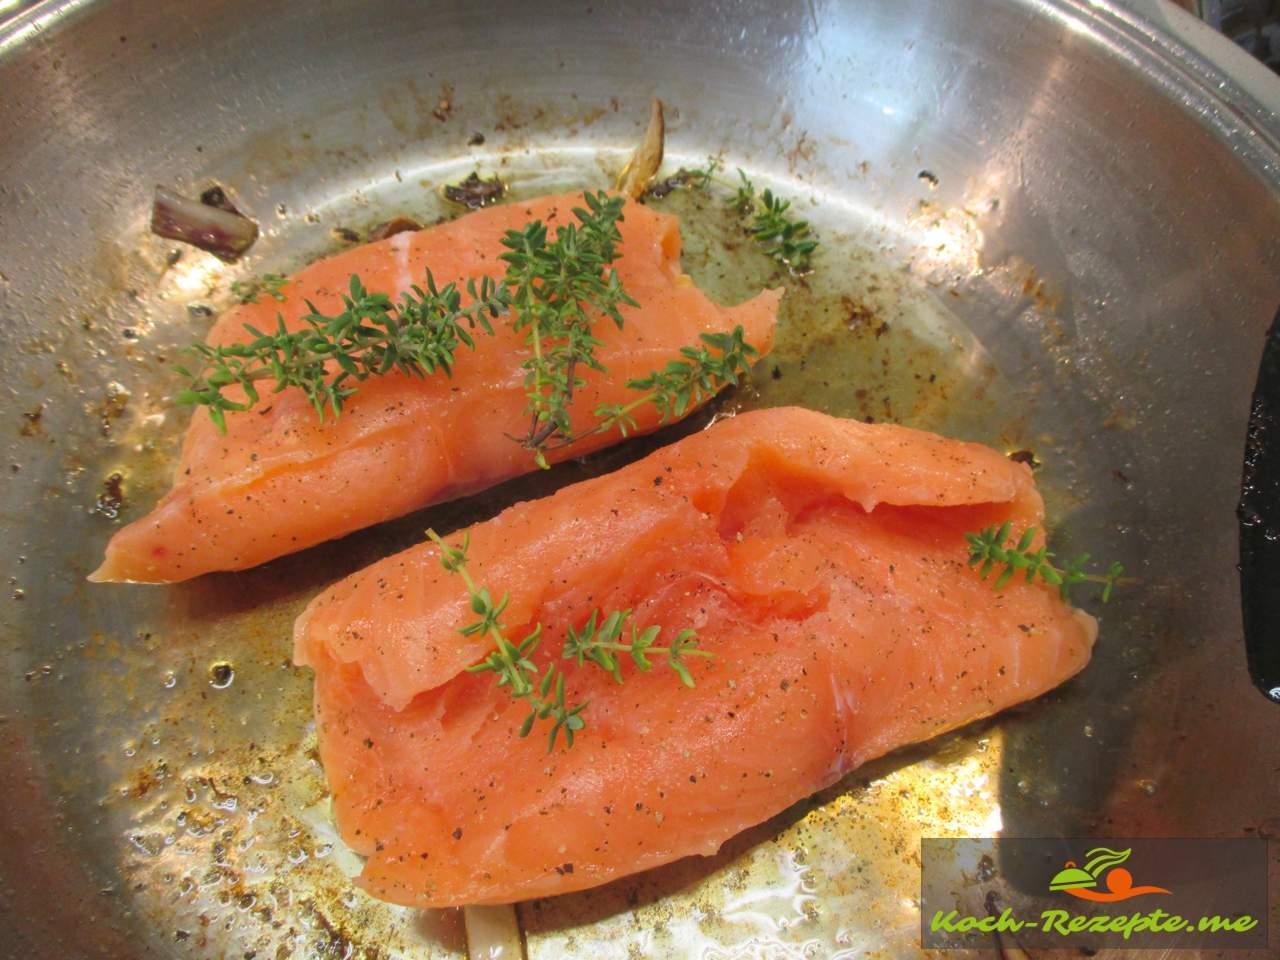 Lachs braten mit Pfeffer und Salz würzen und Thymian frisch